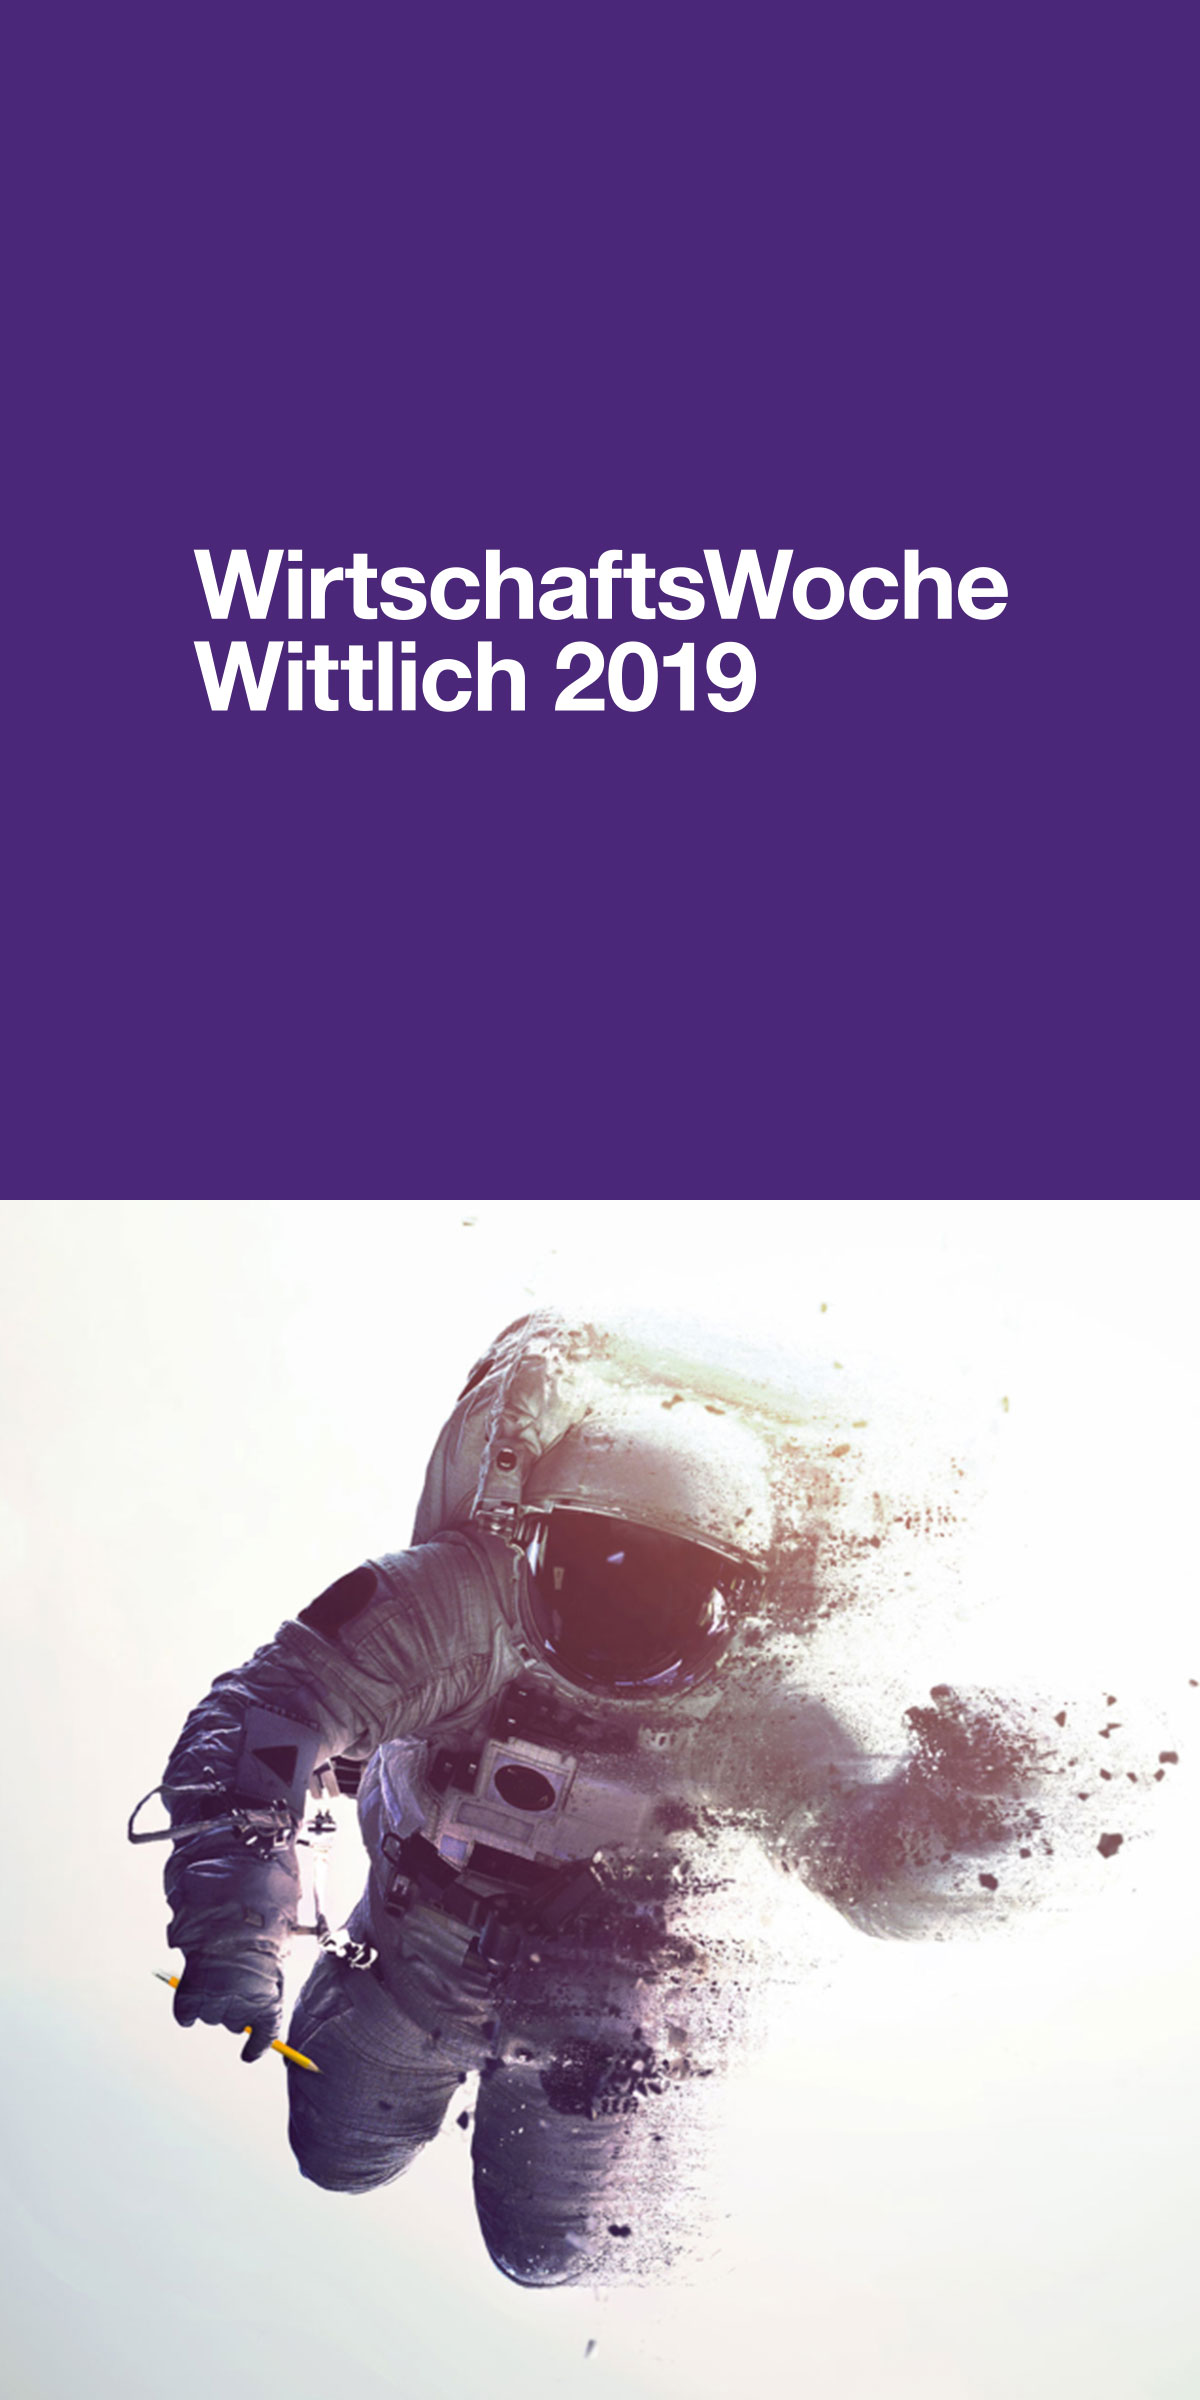 Website von WirtschaftsWoche Wittlich 2019